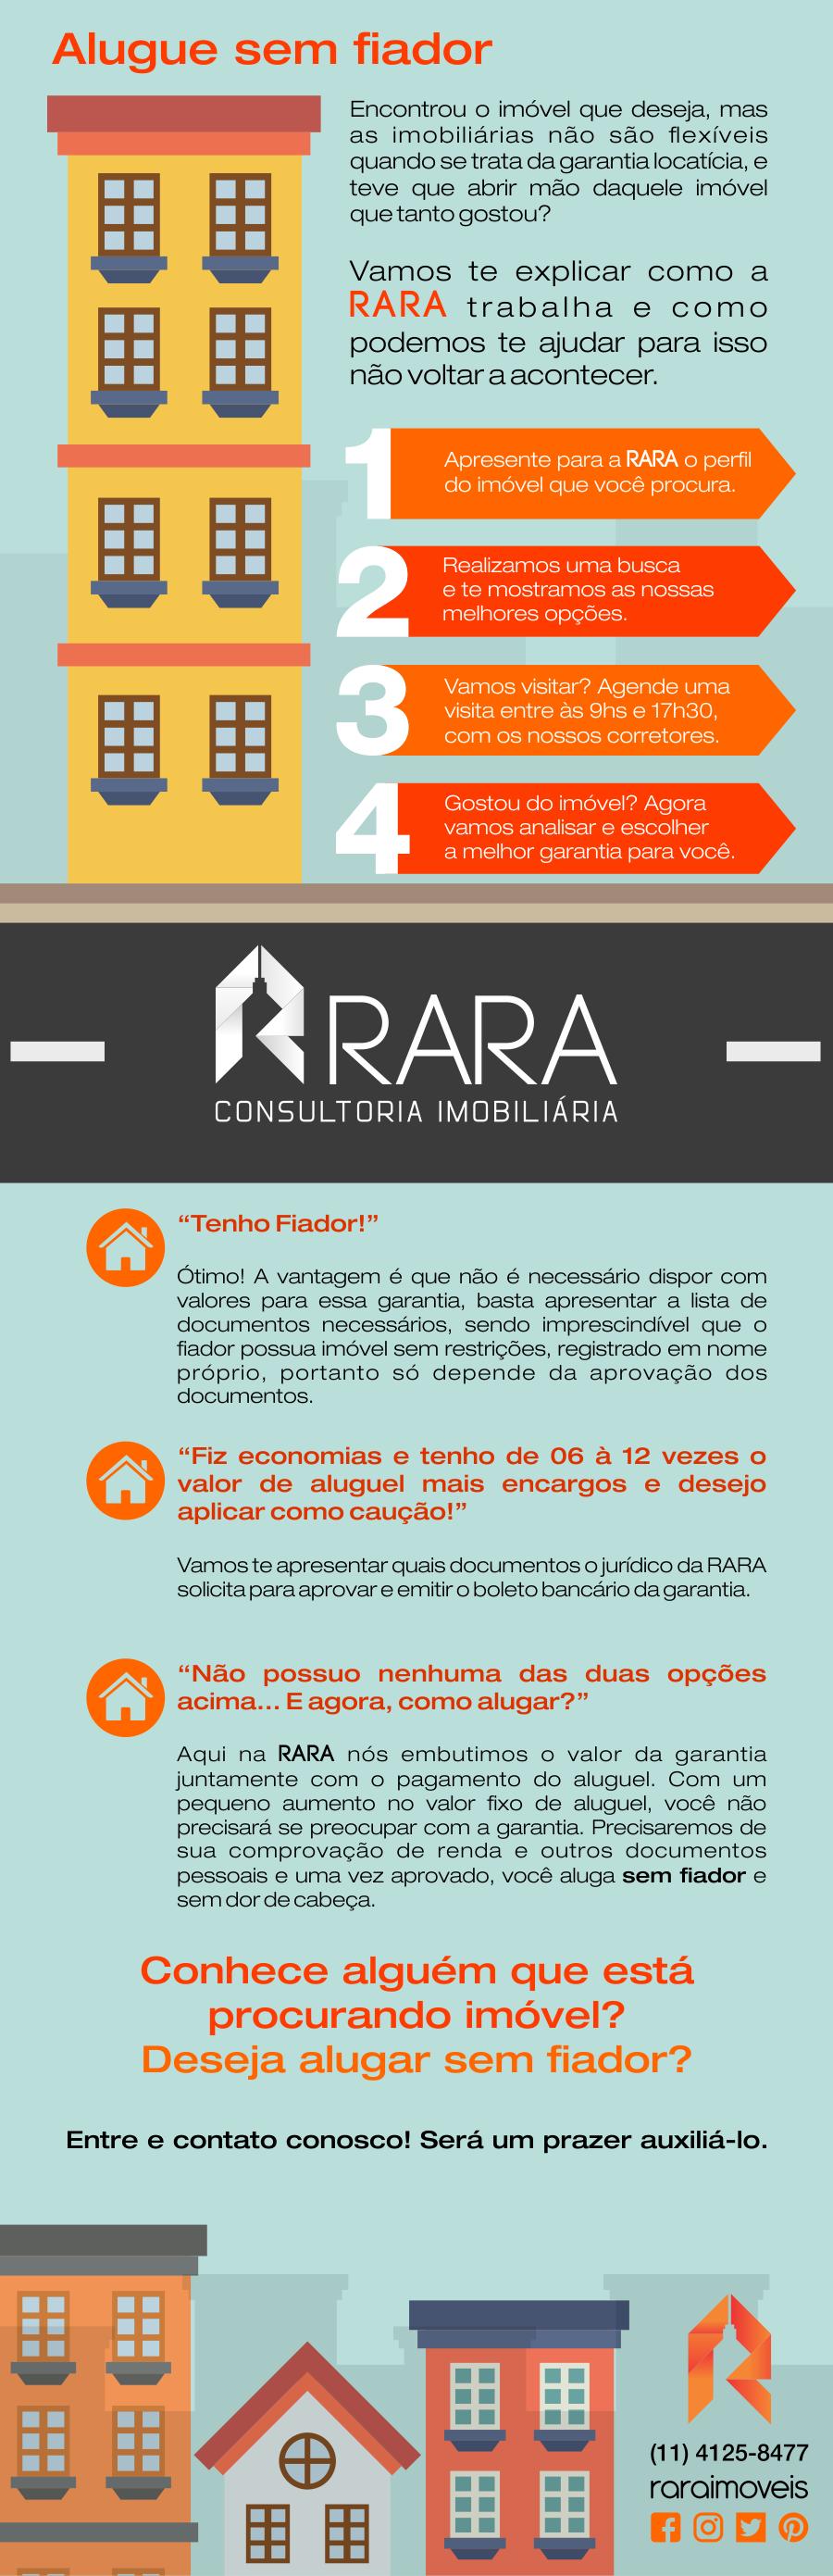 Como alugar um imóvel sem fiador? Neste infográfico, a Rara explica como funciona esta proposta.